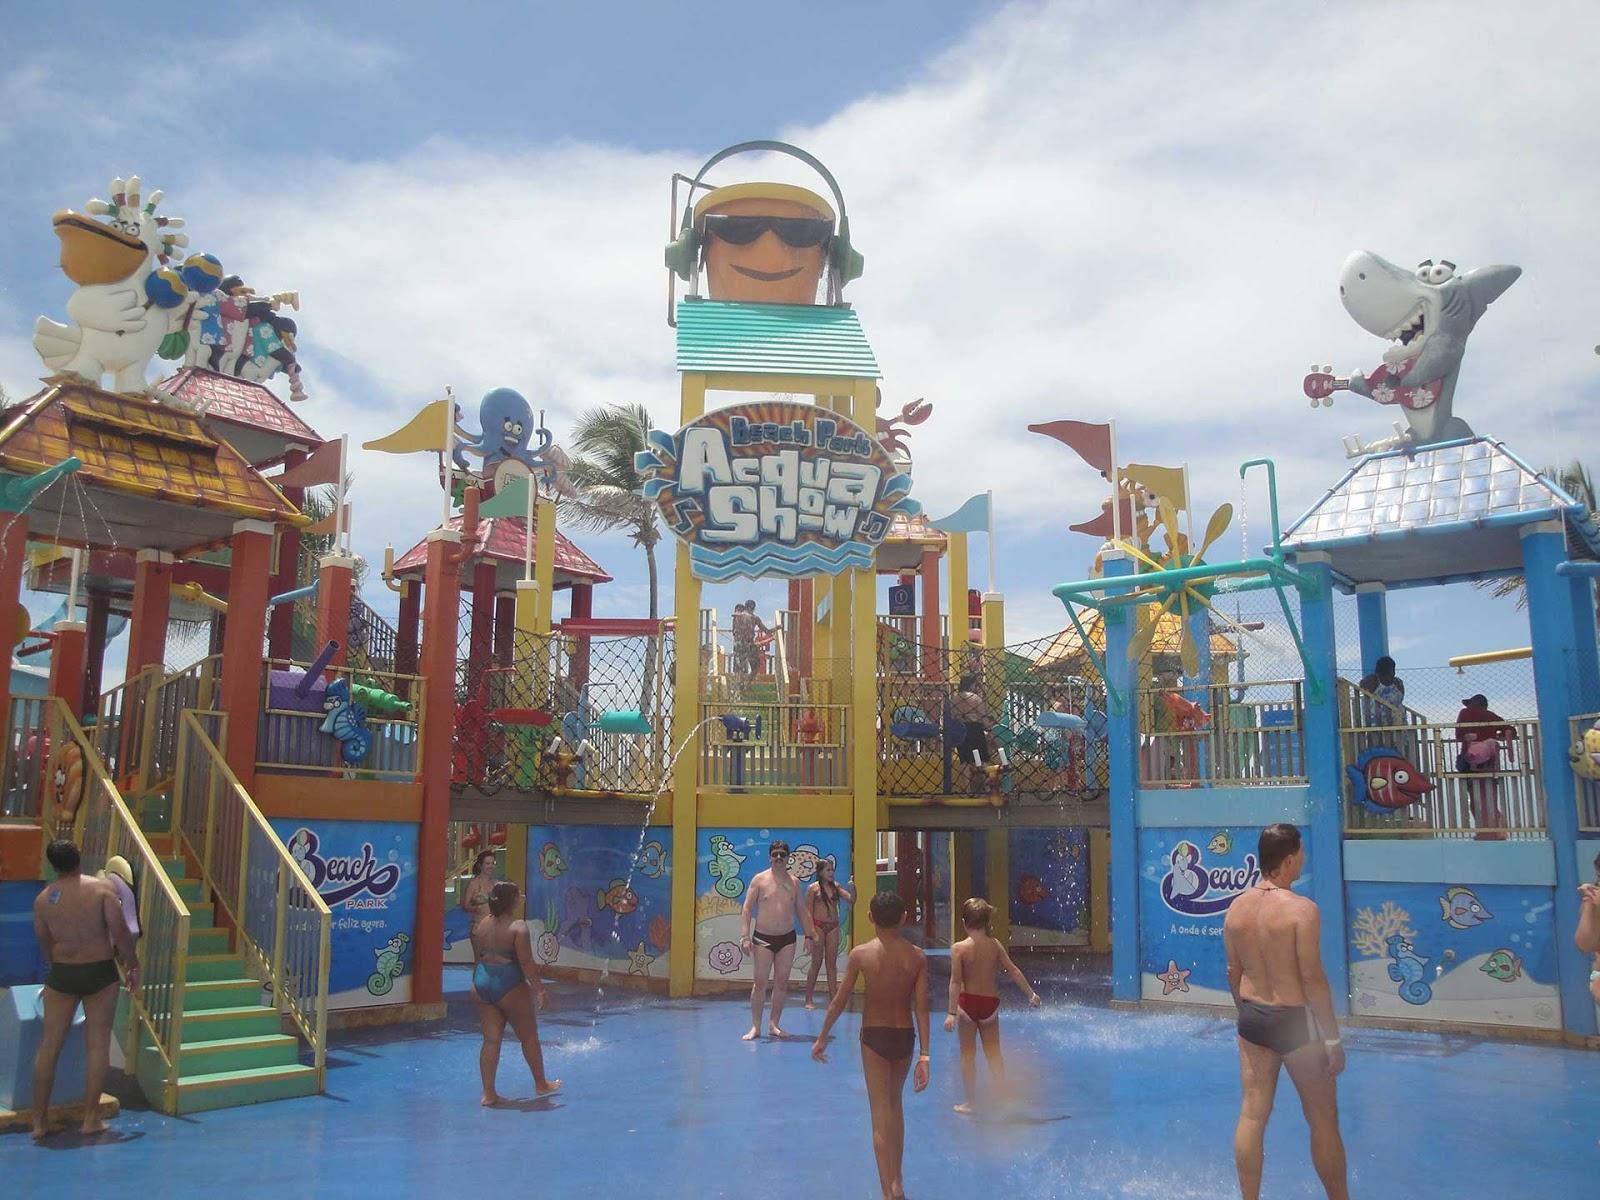 Atrações pra crianças no Beach park